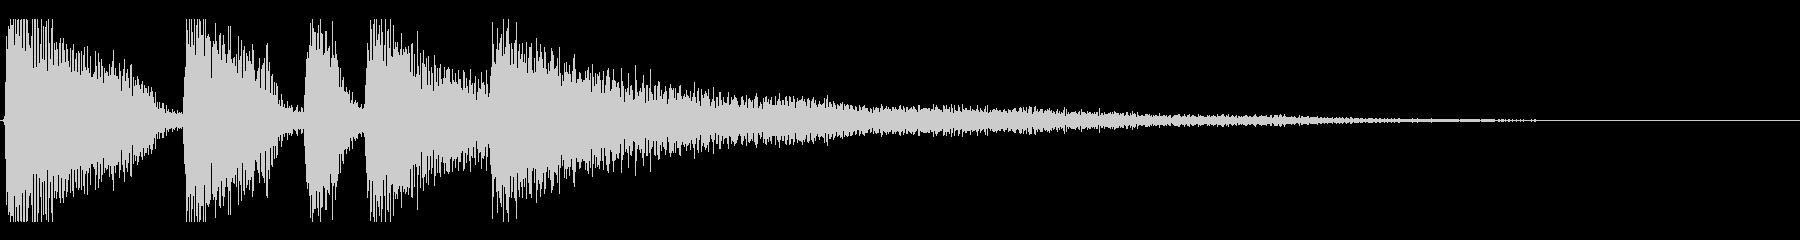 【日曜のラジオ3】の未再生の波形